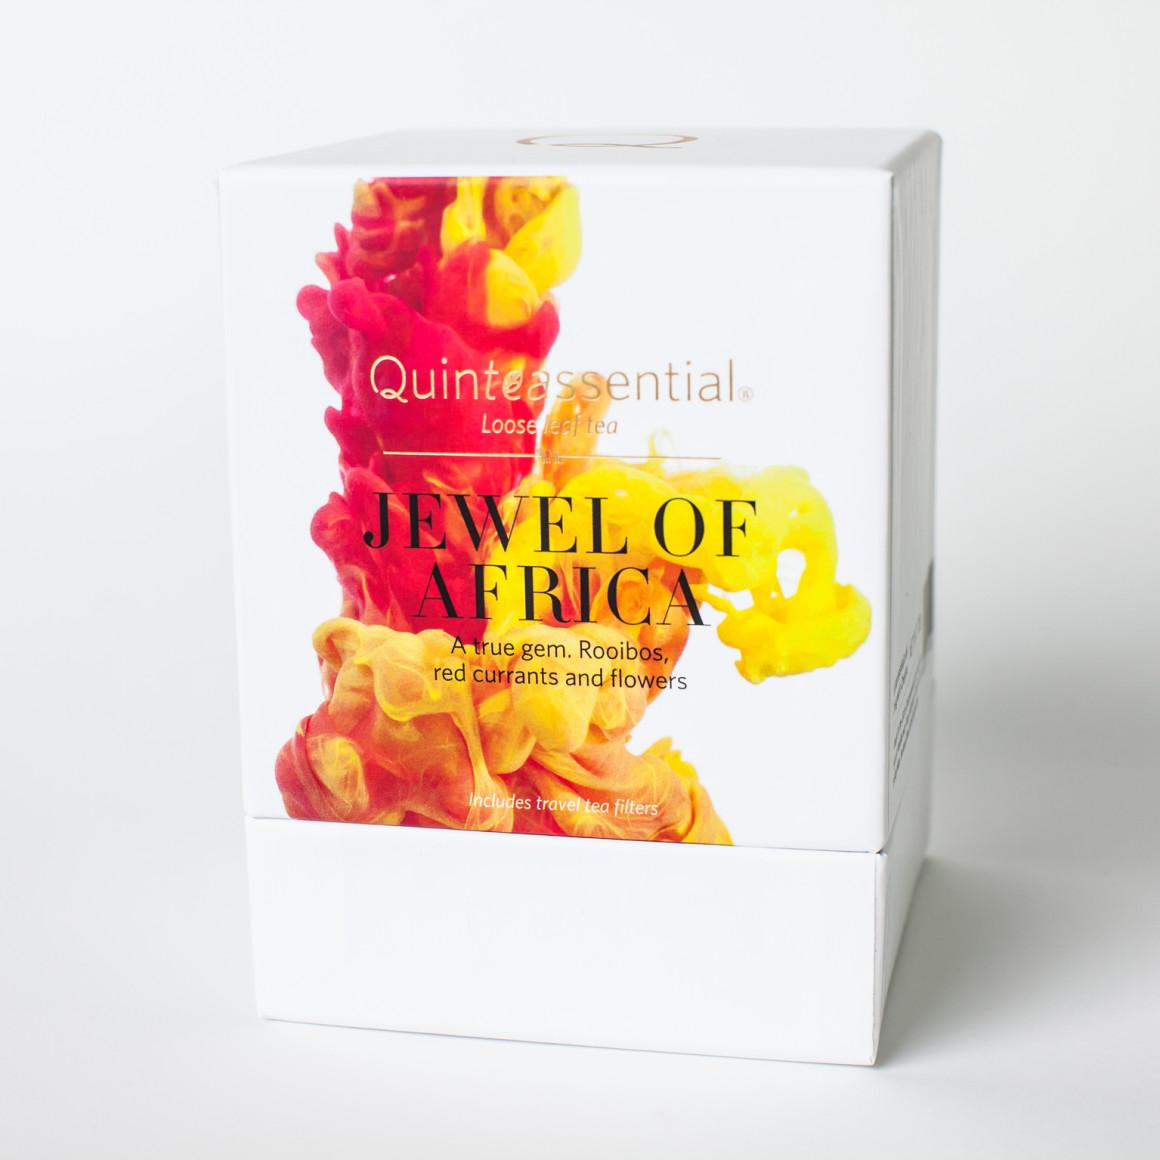 box_jewelafri_SMALL